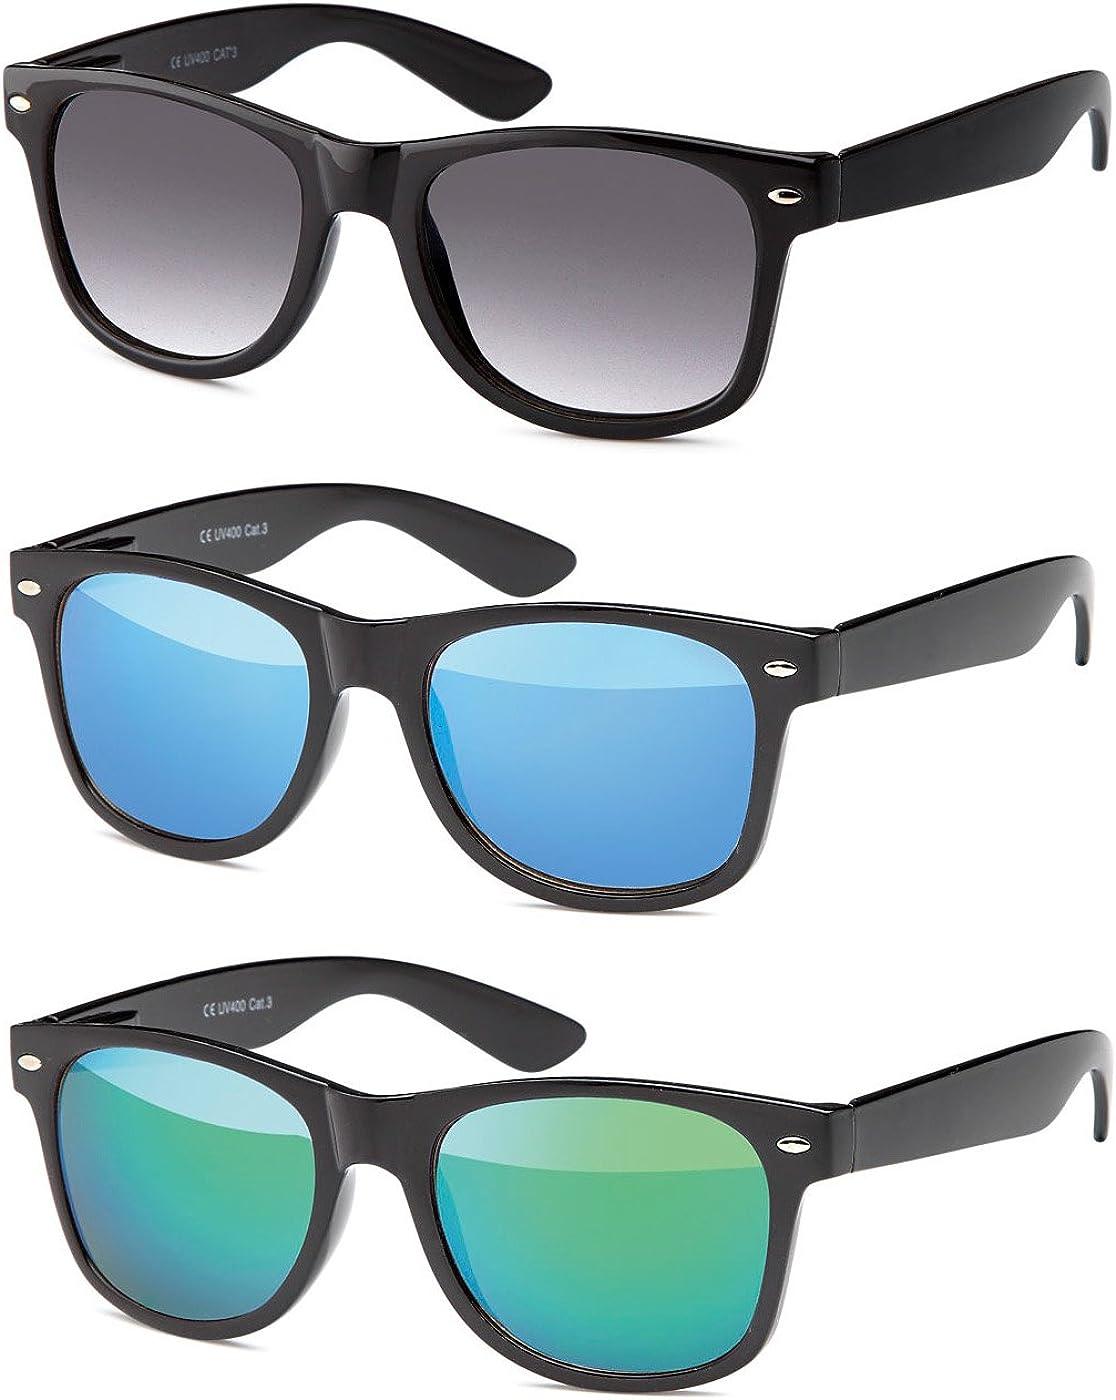 MOKIES Unisex Sonnenbrillen - UV400 Filterkategorie 3 CE Kennzeichnung - Polycarbonat - mit Federscharnier - A-SET Grau verlaufend -